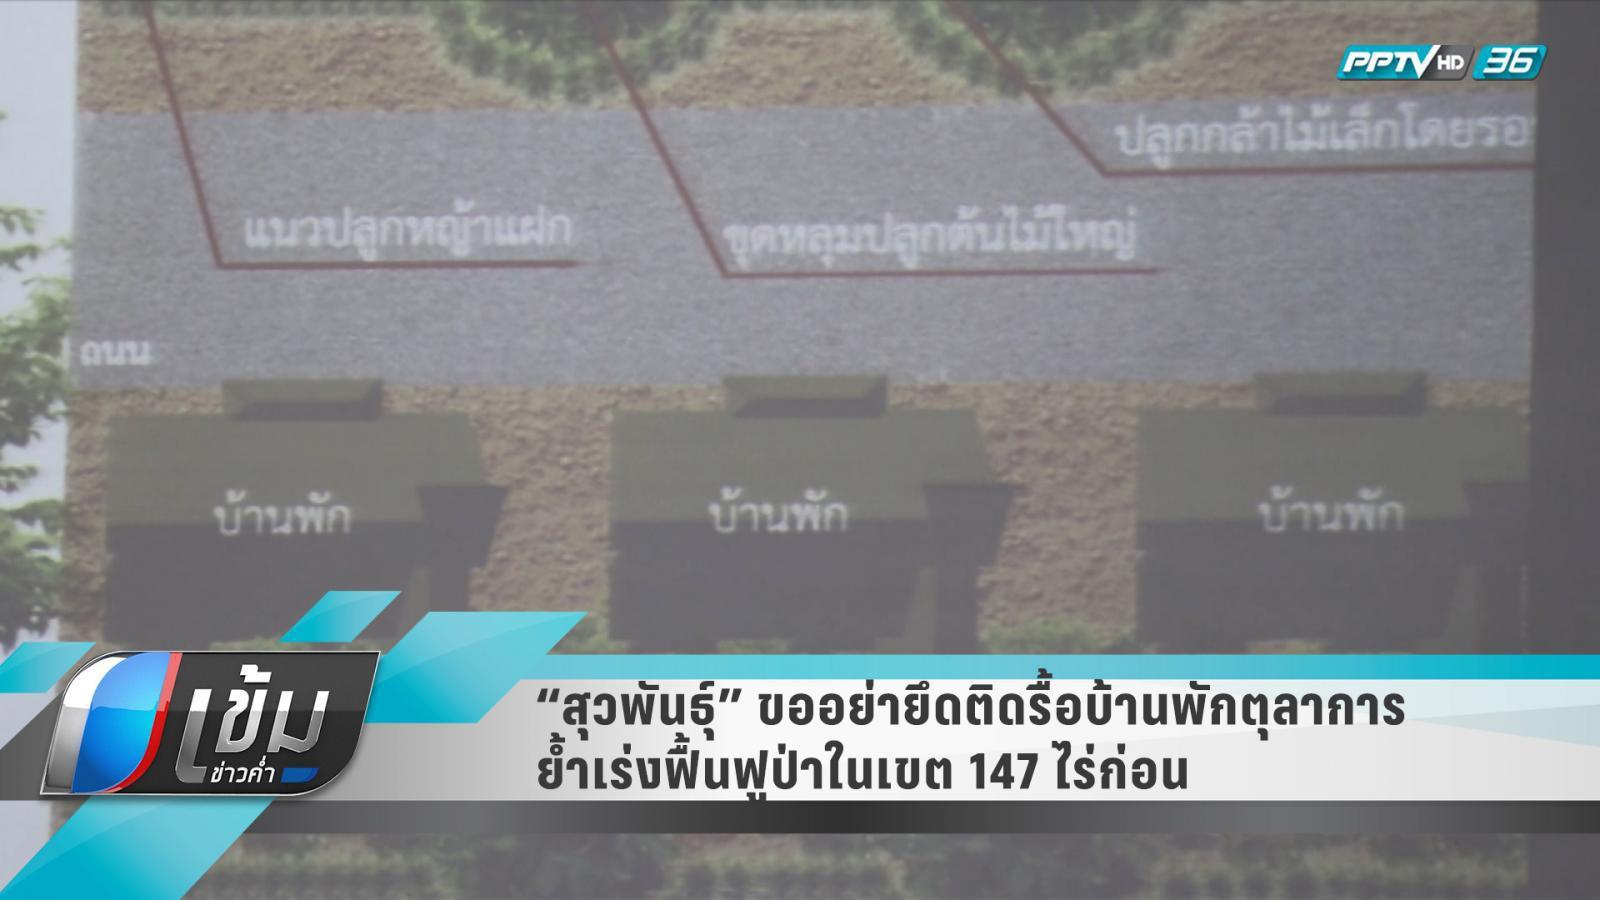 """""""สุวพันธุ์"""" ขออย่ายึดติดรื้อบ้านพักตุลาการ ย้ำเร่งฟื้นฟูป่าในเขต 147 ไร่"""